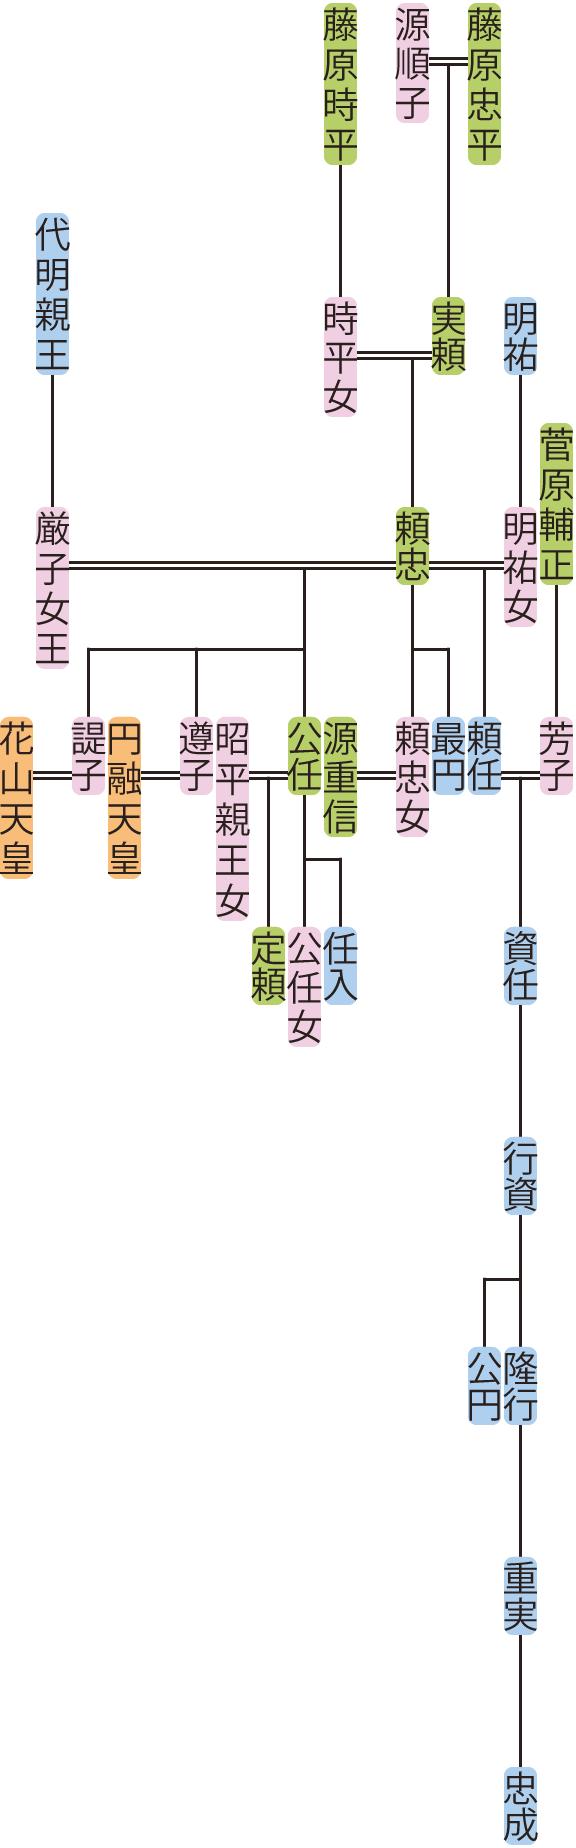 藤原頼忠の系図